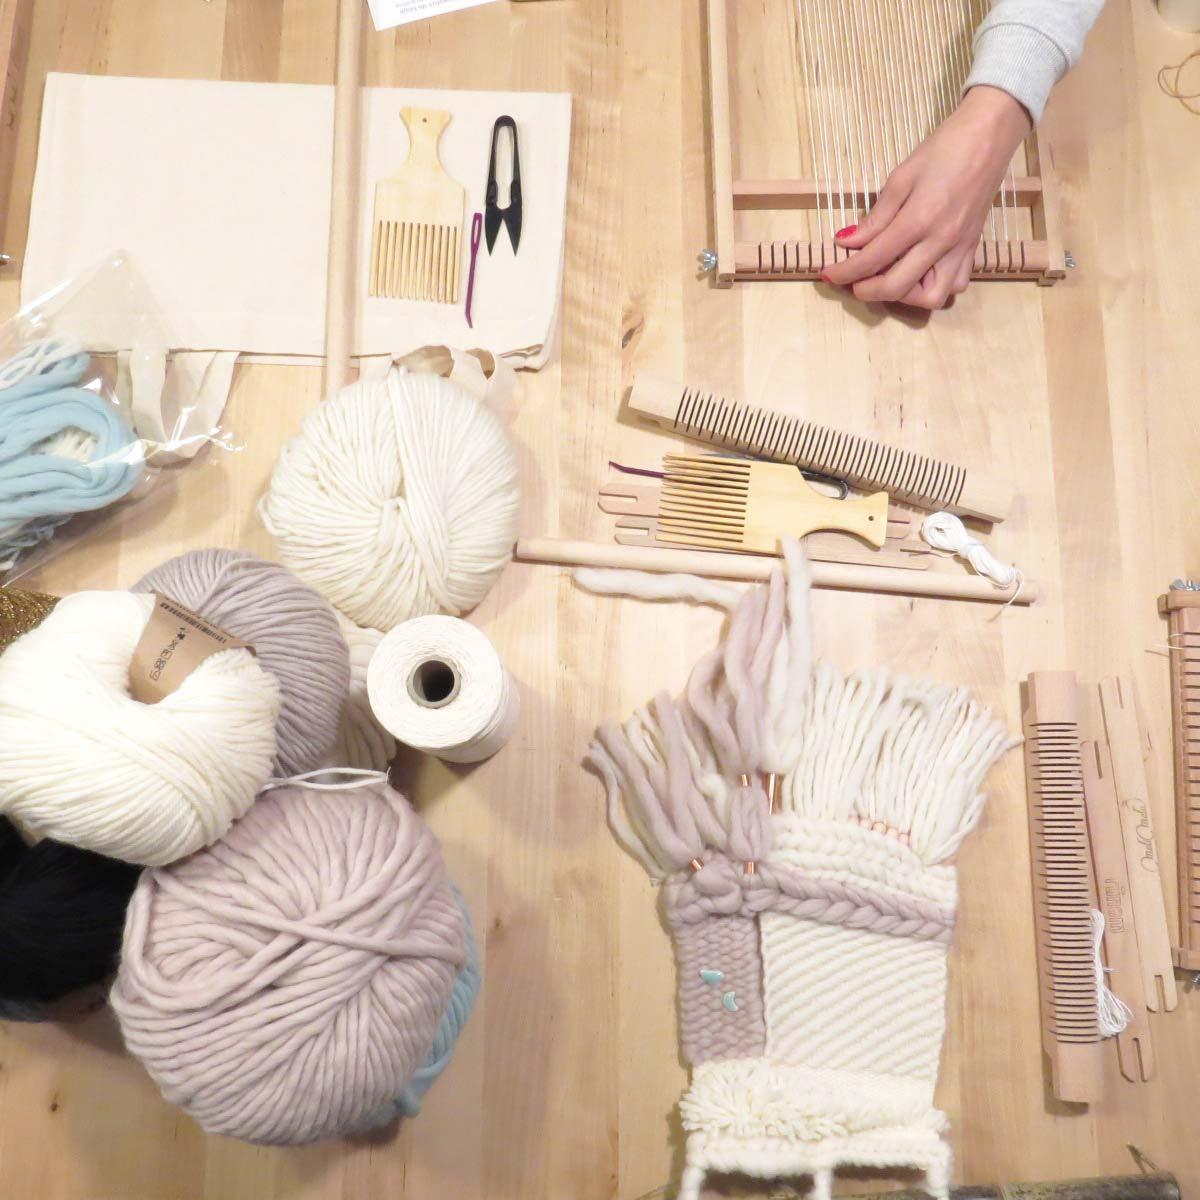 ateliers tissage wip laboutiquedemelimelo mimarinita valladolid